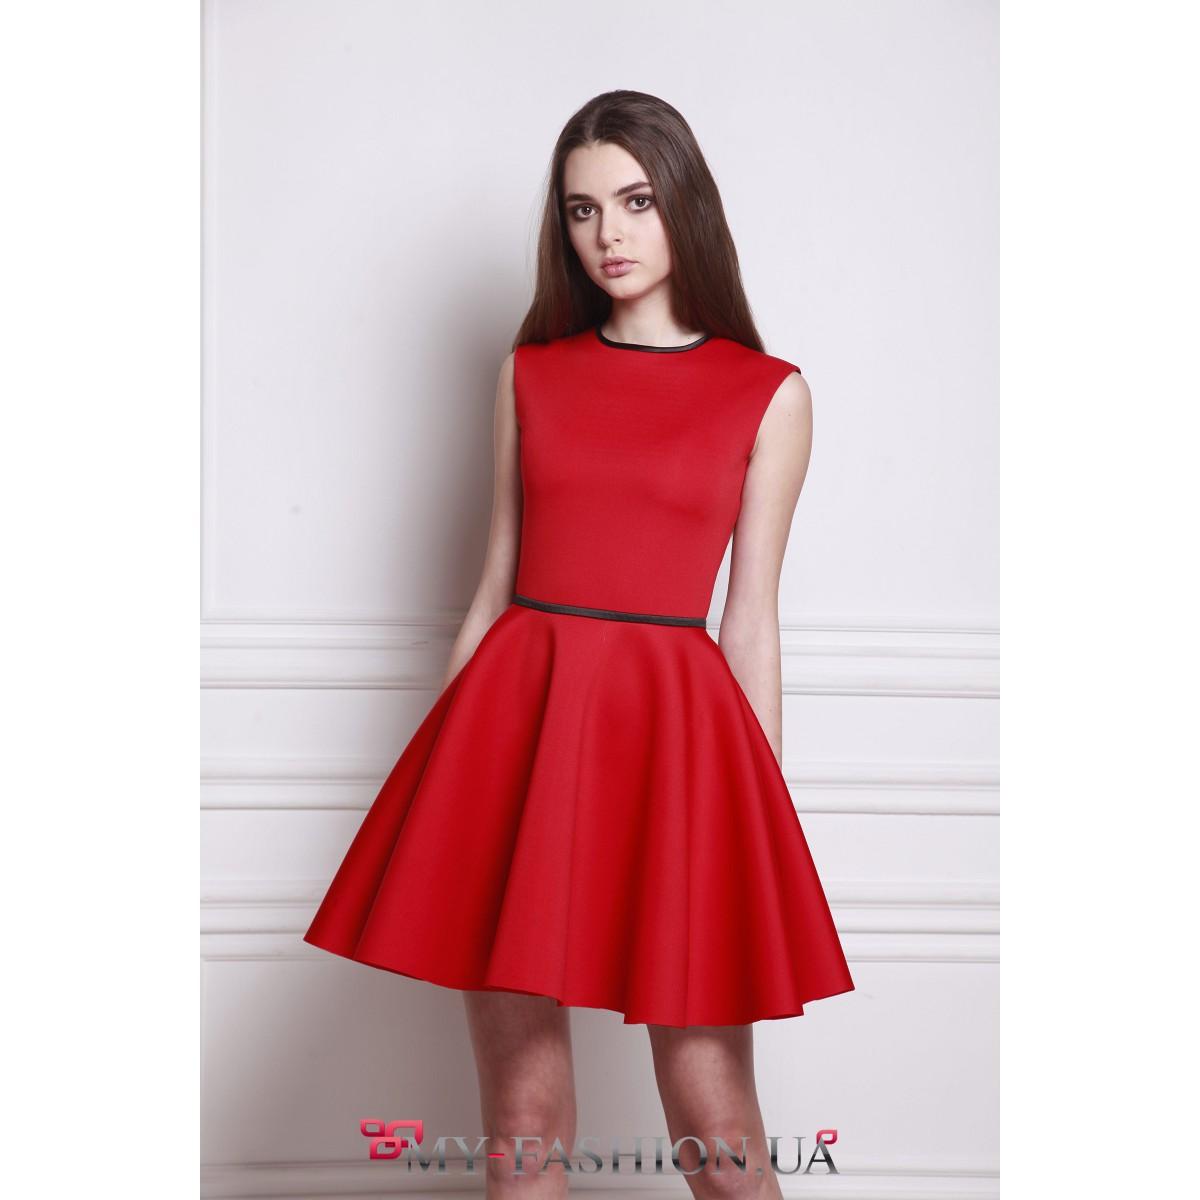 Купить красное платье с пышной юбкой